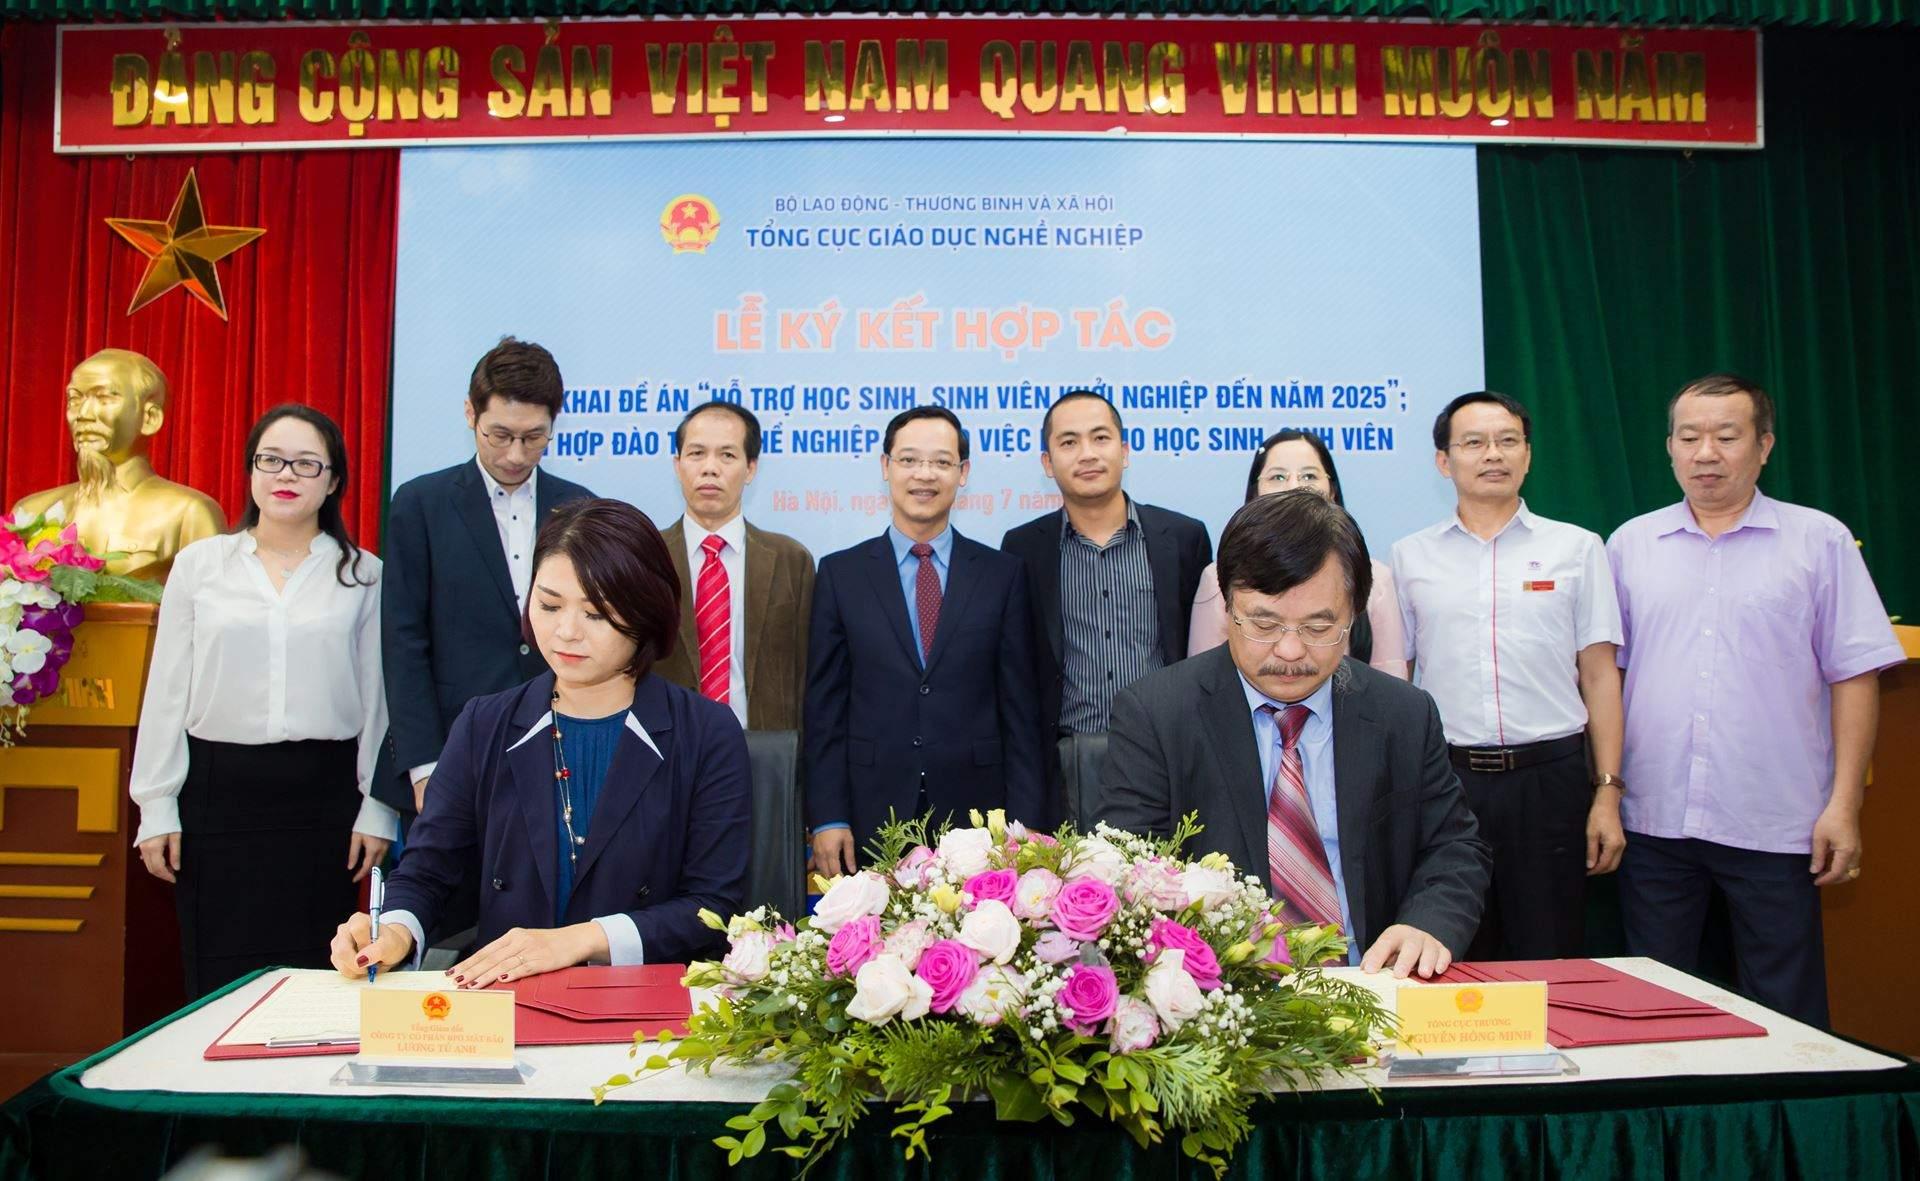 Chị Lương Tú Anh và Ông Nguyễn Hồng Minh - Tổng cục trưởng Tổng cục Giáo dục nghề nghiệp, ký kết hợp tác triển khai đề án